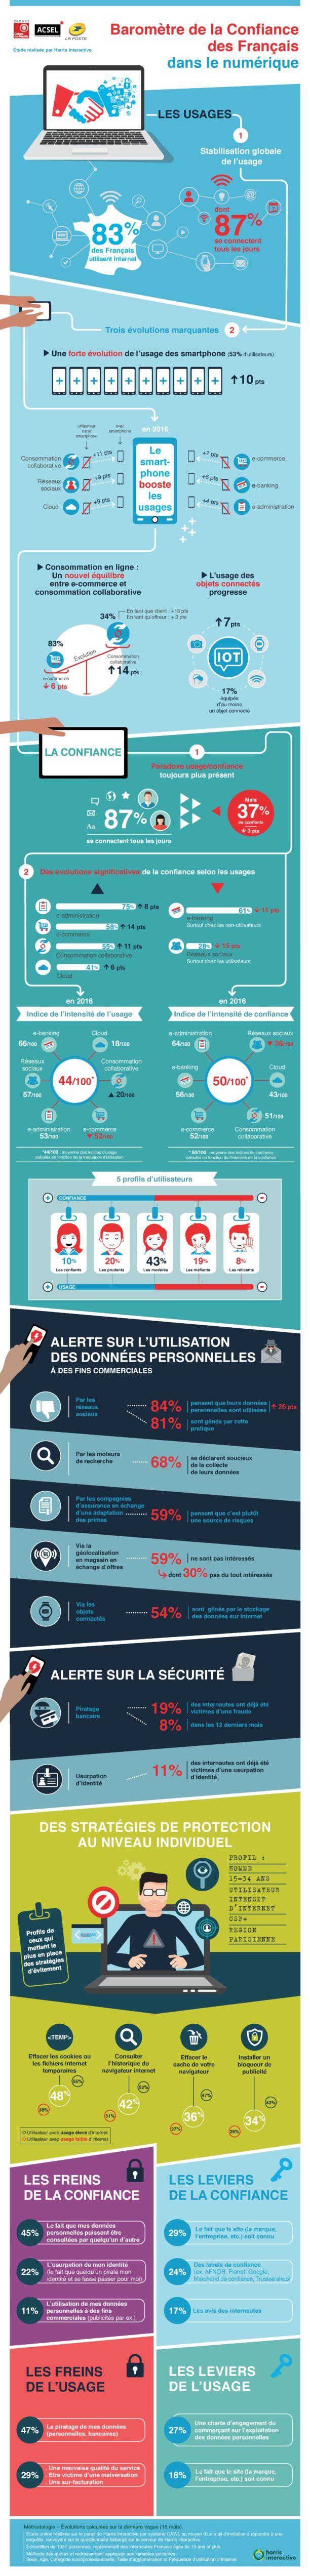 infographie-barometre-confiance-des-francais-dans-le-numerique-2016-002-page-001